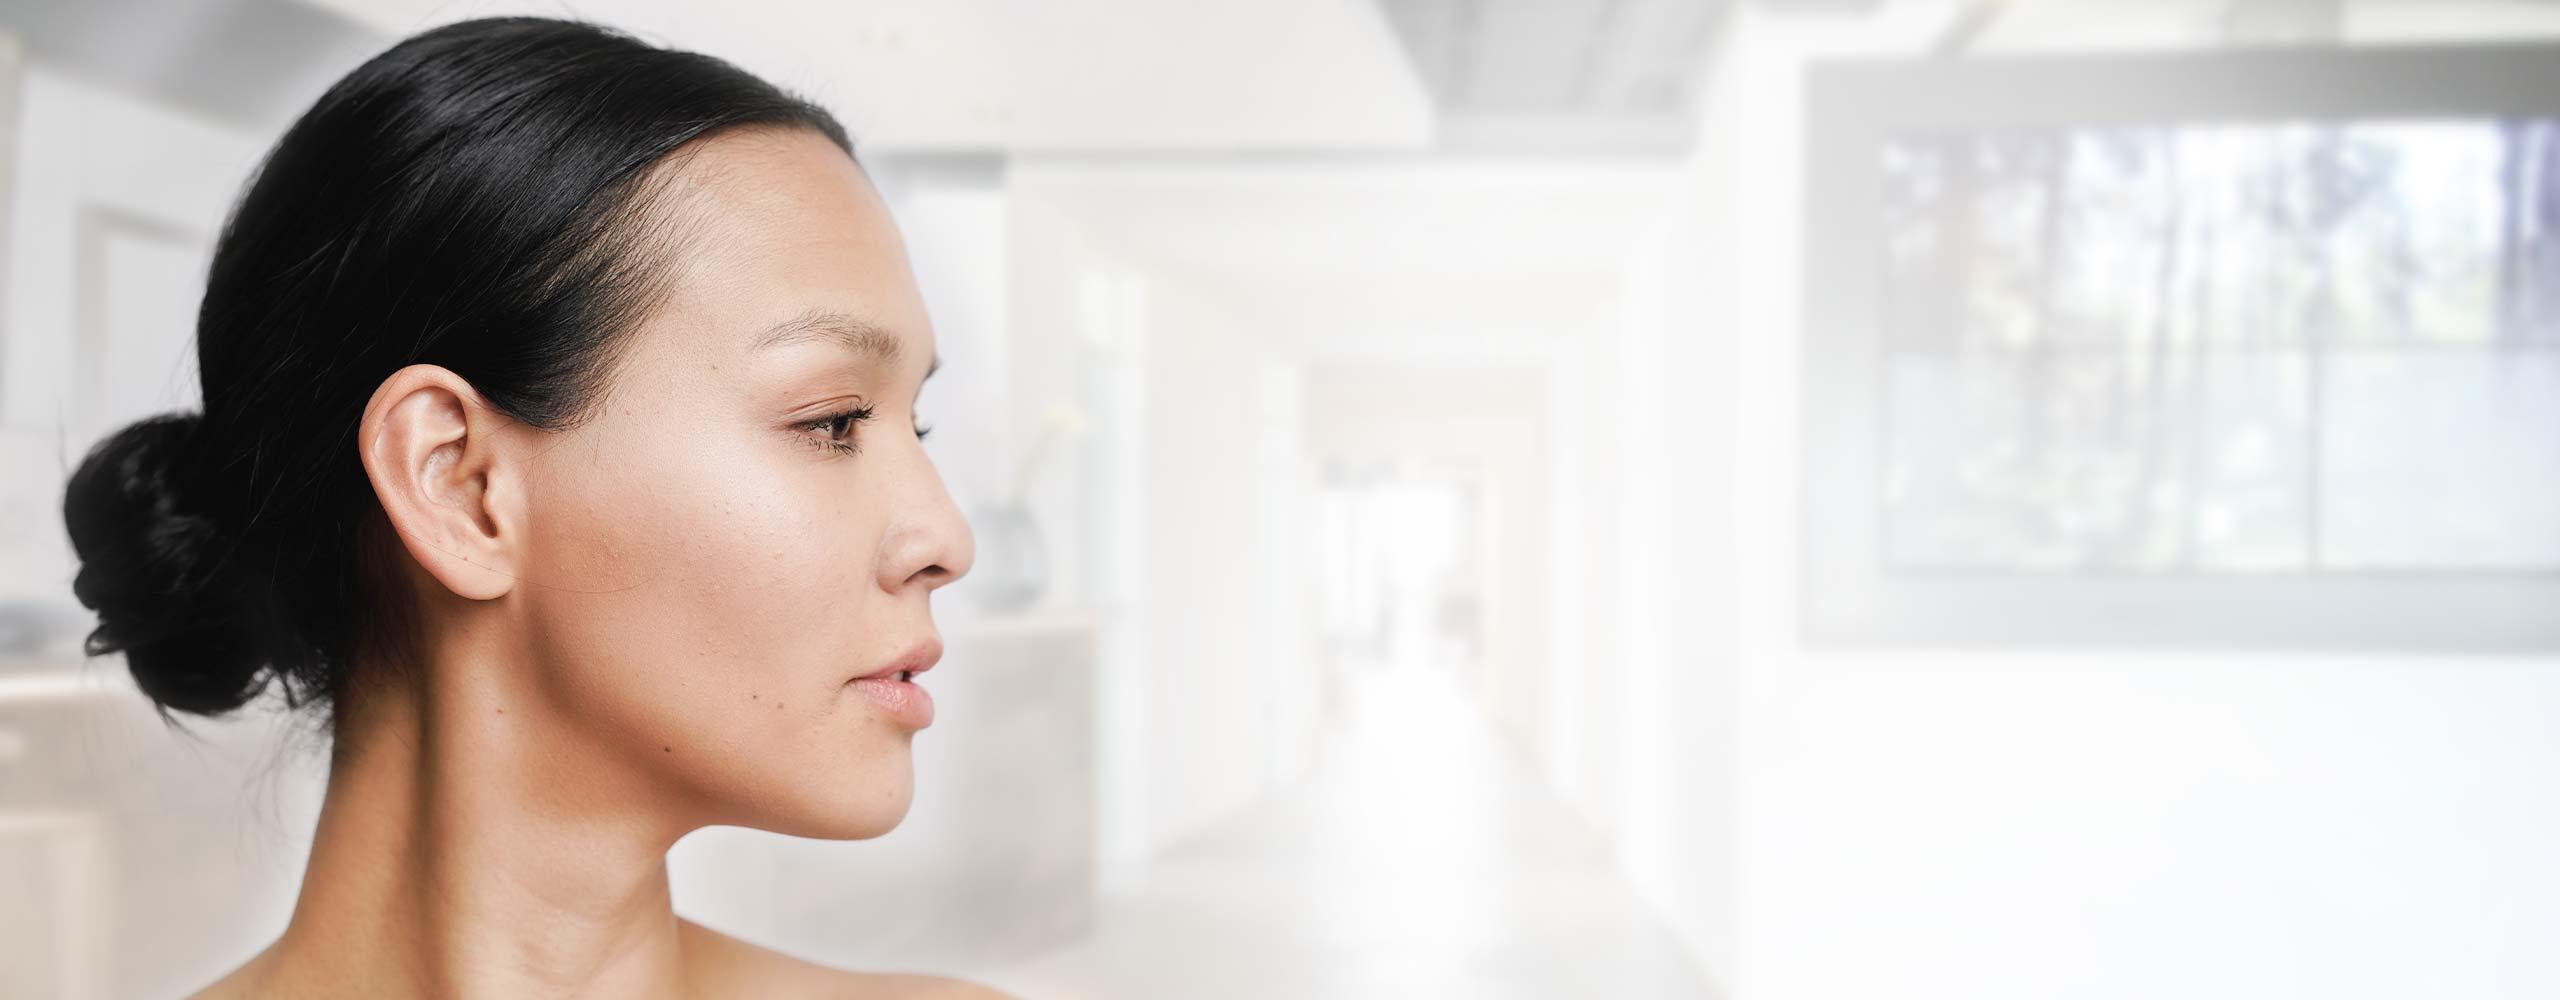 nasenkorrektur nasenoperation proaesthetic d